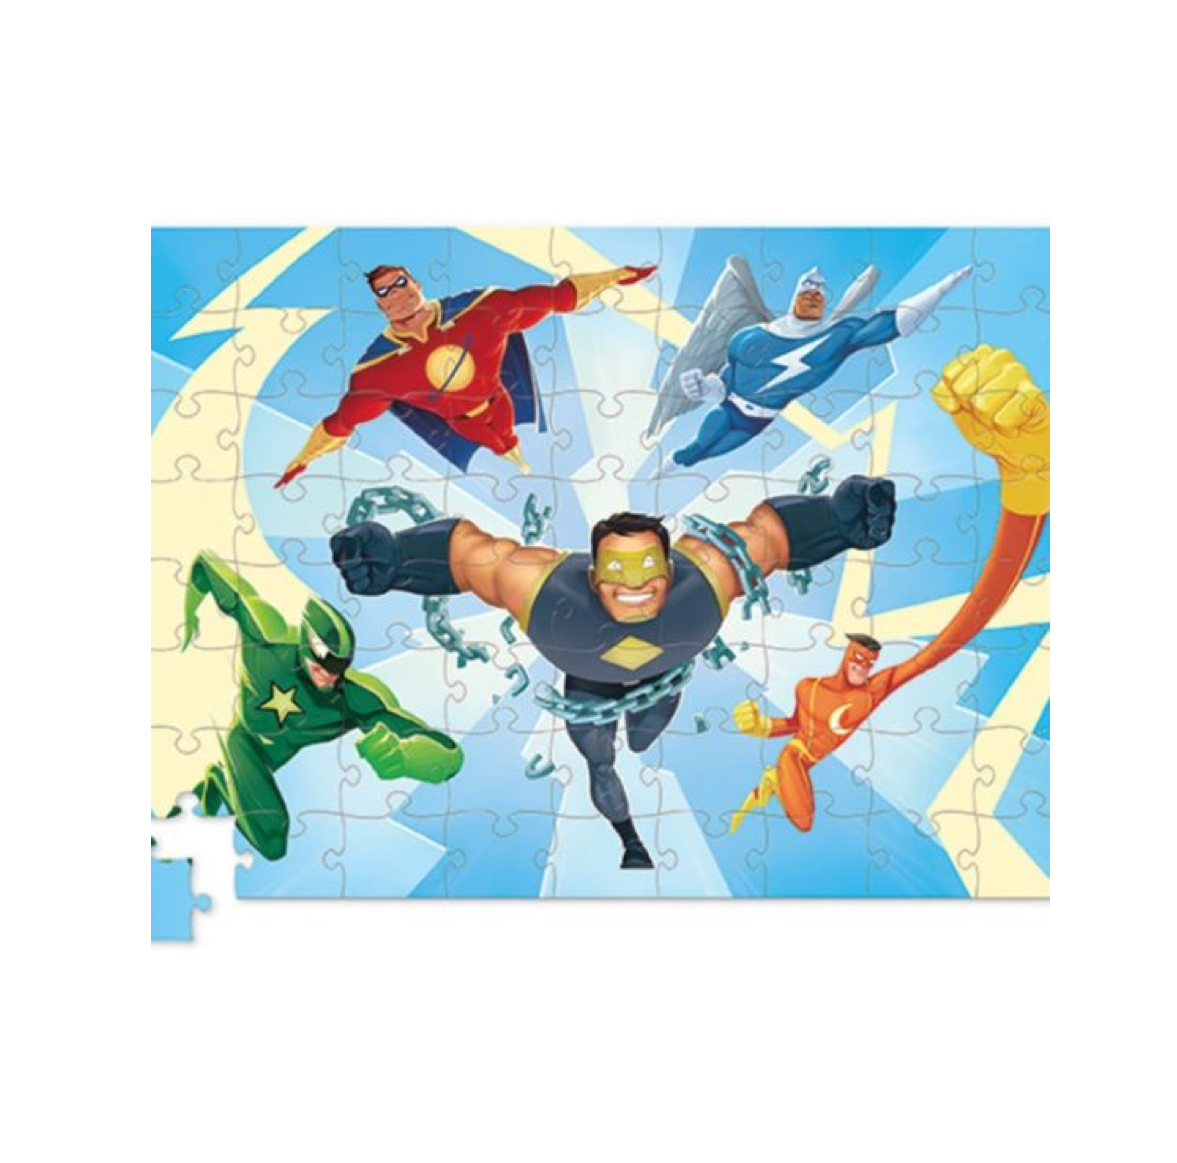 puzzle-de-los-super-heroes-de-crocodile-creek-en-el-mundo-de-mico-2